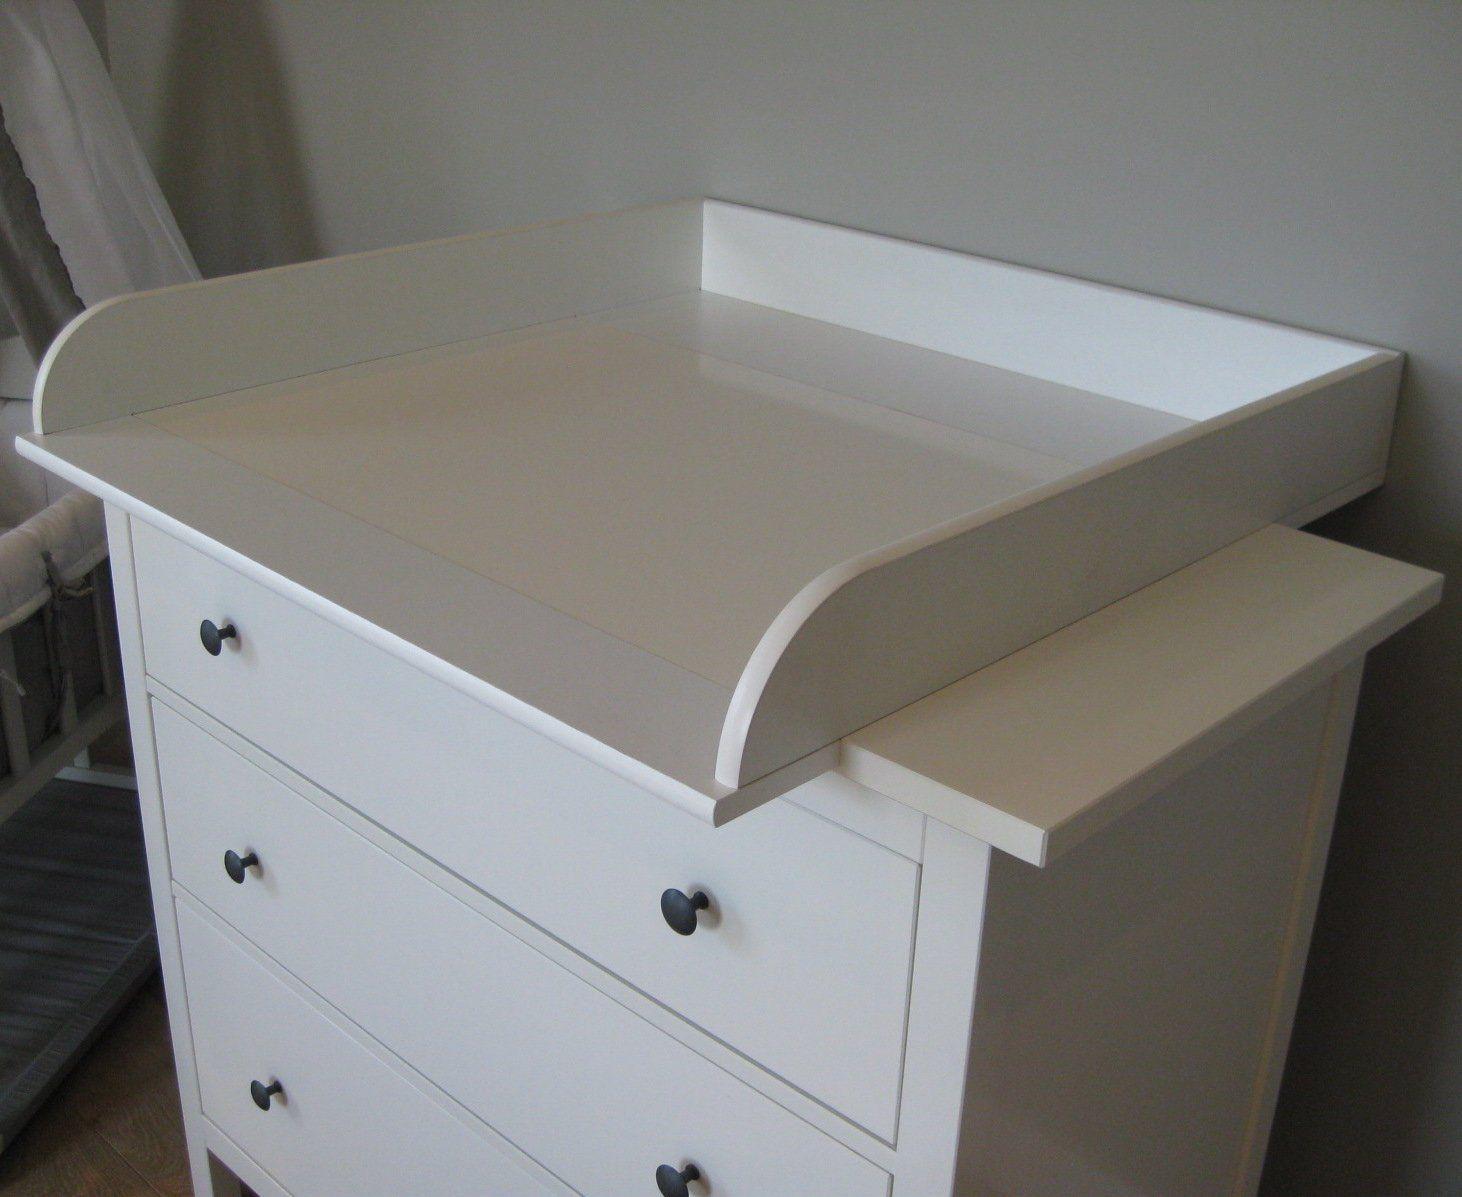 Ikea Wickeltischaufsatz rundkante wickelaufsatz wickeltischaufsatz für ikea hemnes